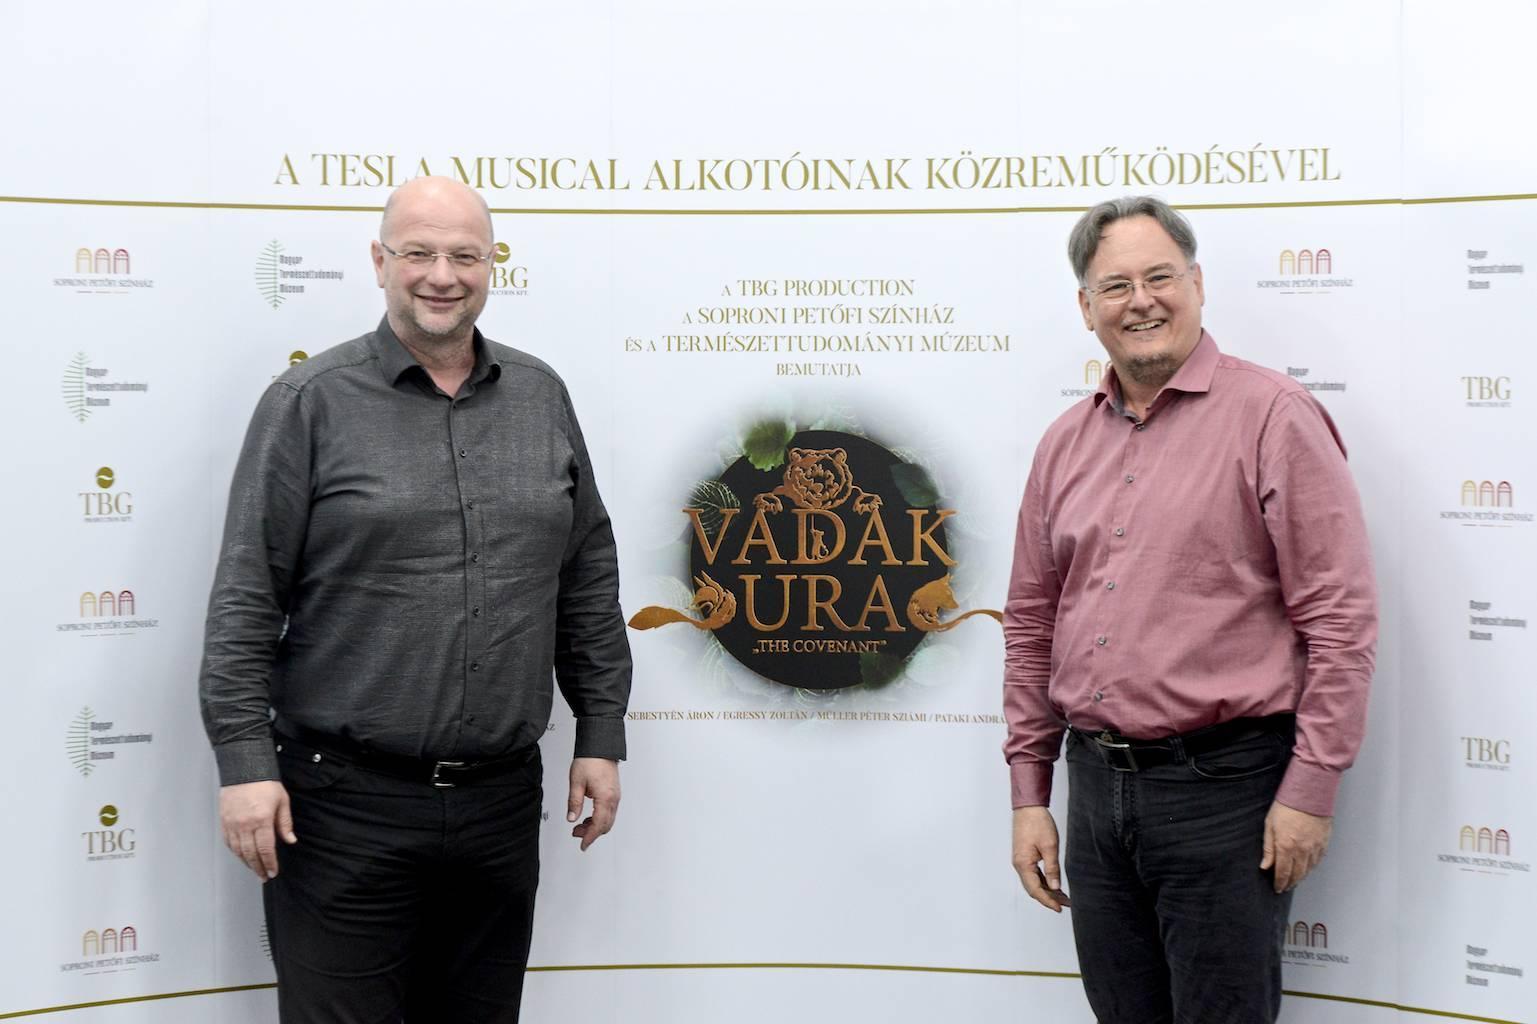 Alfahir - A Vadak Ura állatos musical, de emberibb történet lesz, mint ha emberekről szólna